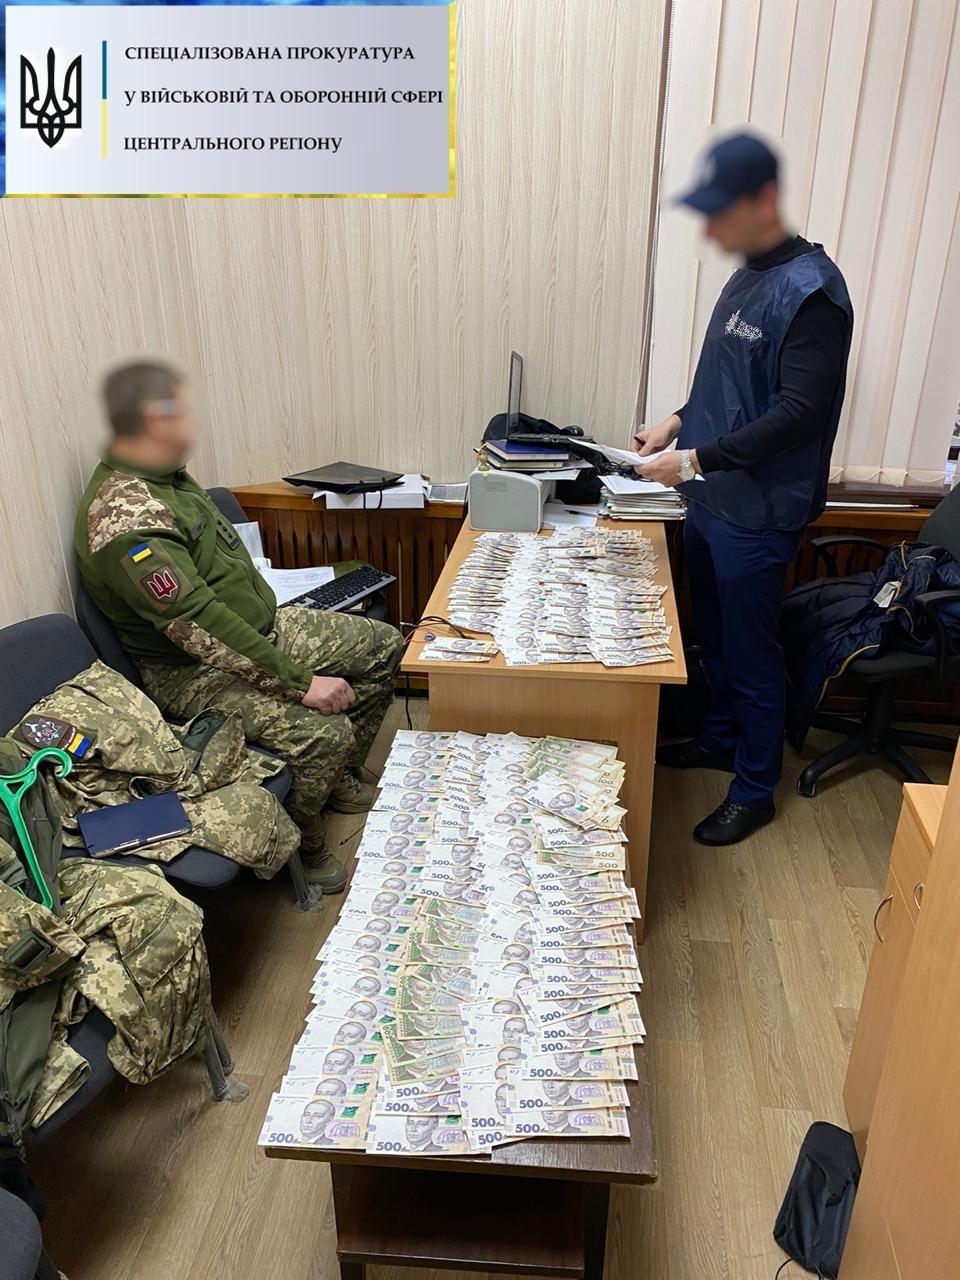 Чиновника Минобороны задержали на взятке 400 тысяч гривен